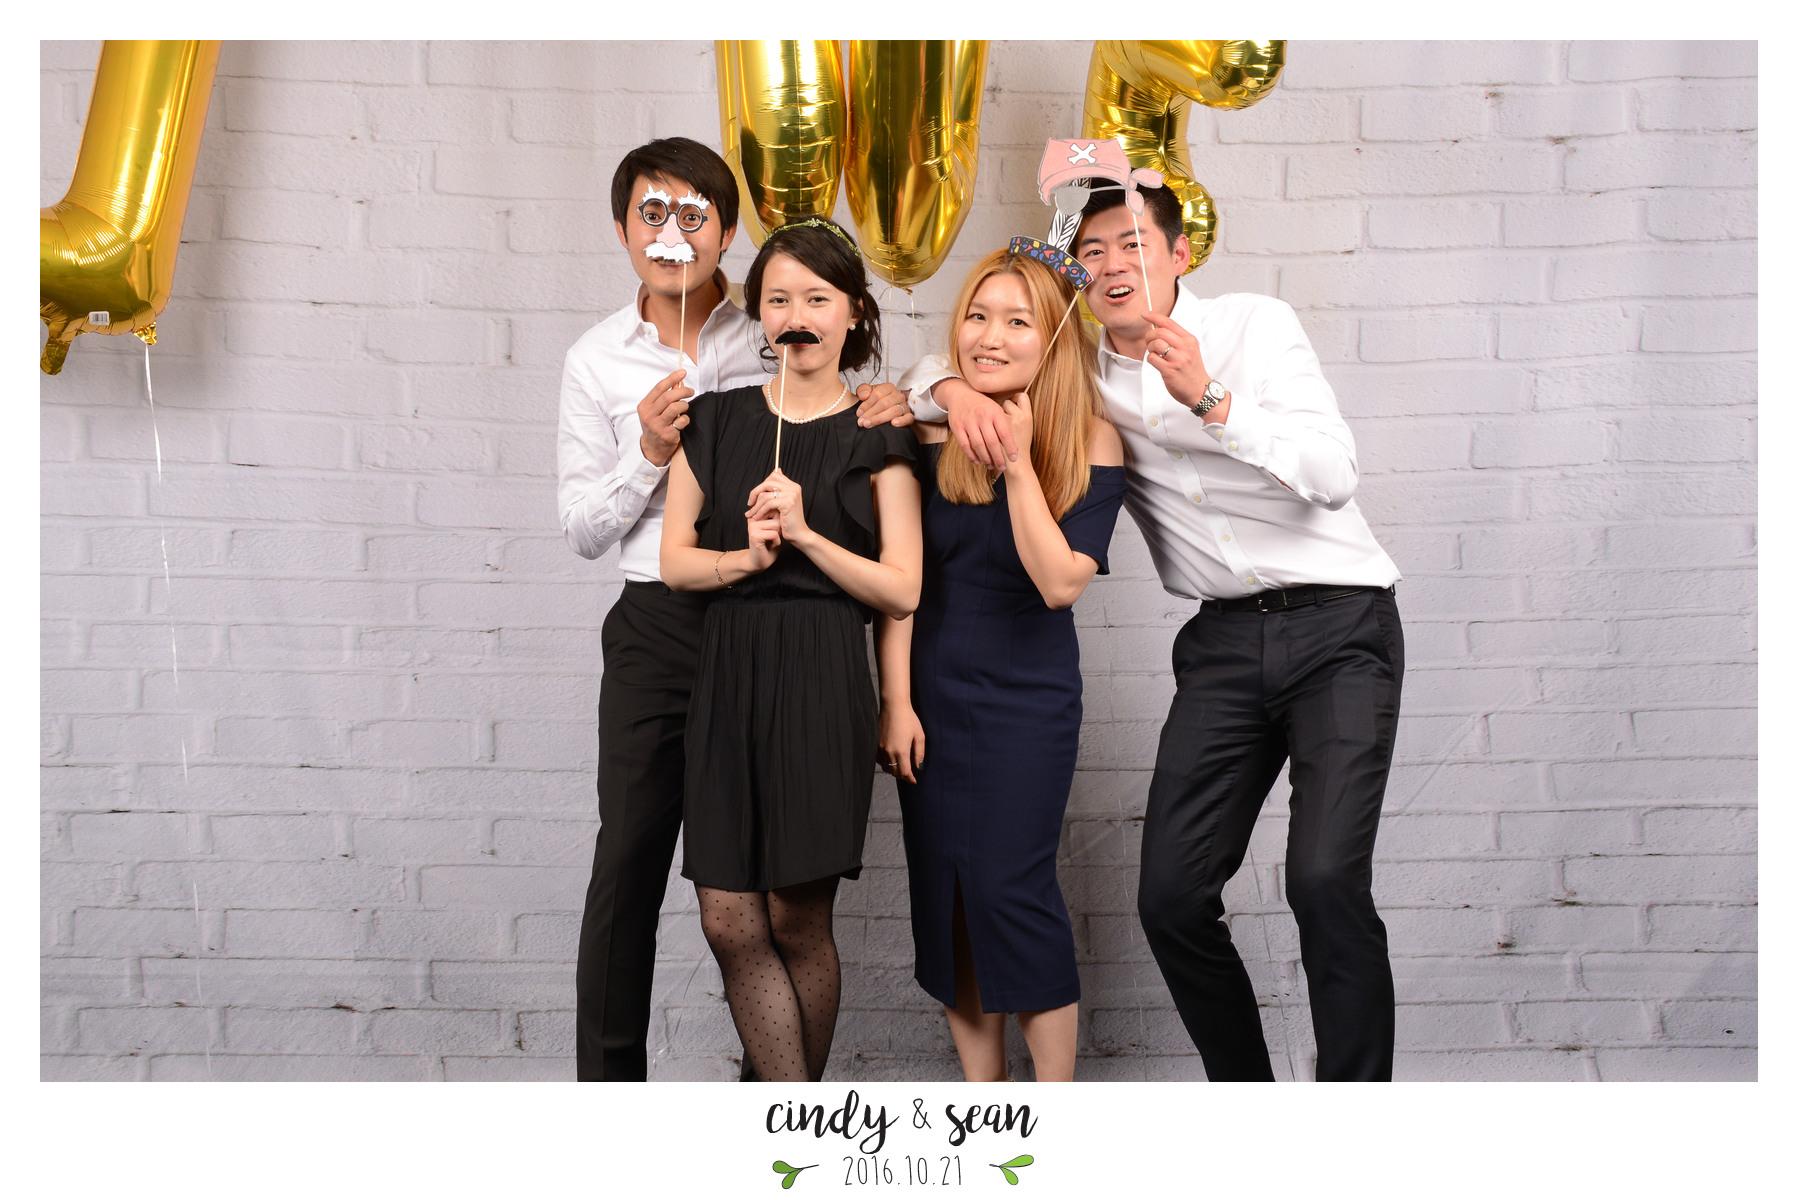 Cindy Sean Bae - 0001-214.jpg